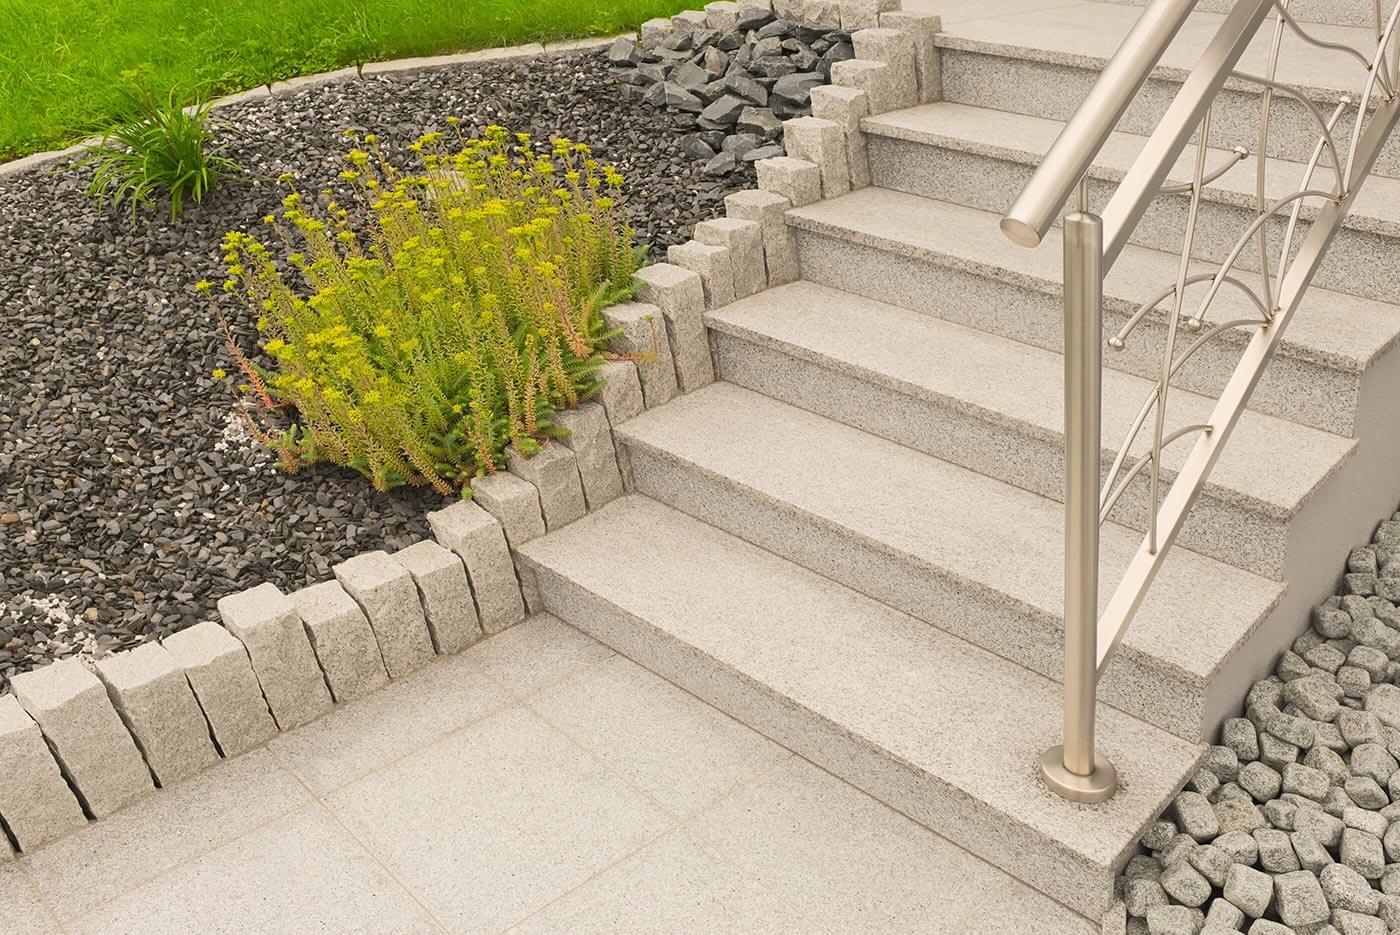 32_aussenbereich-treppeausgranit-garten-platten